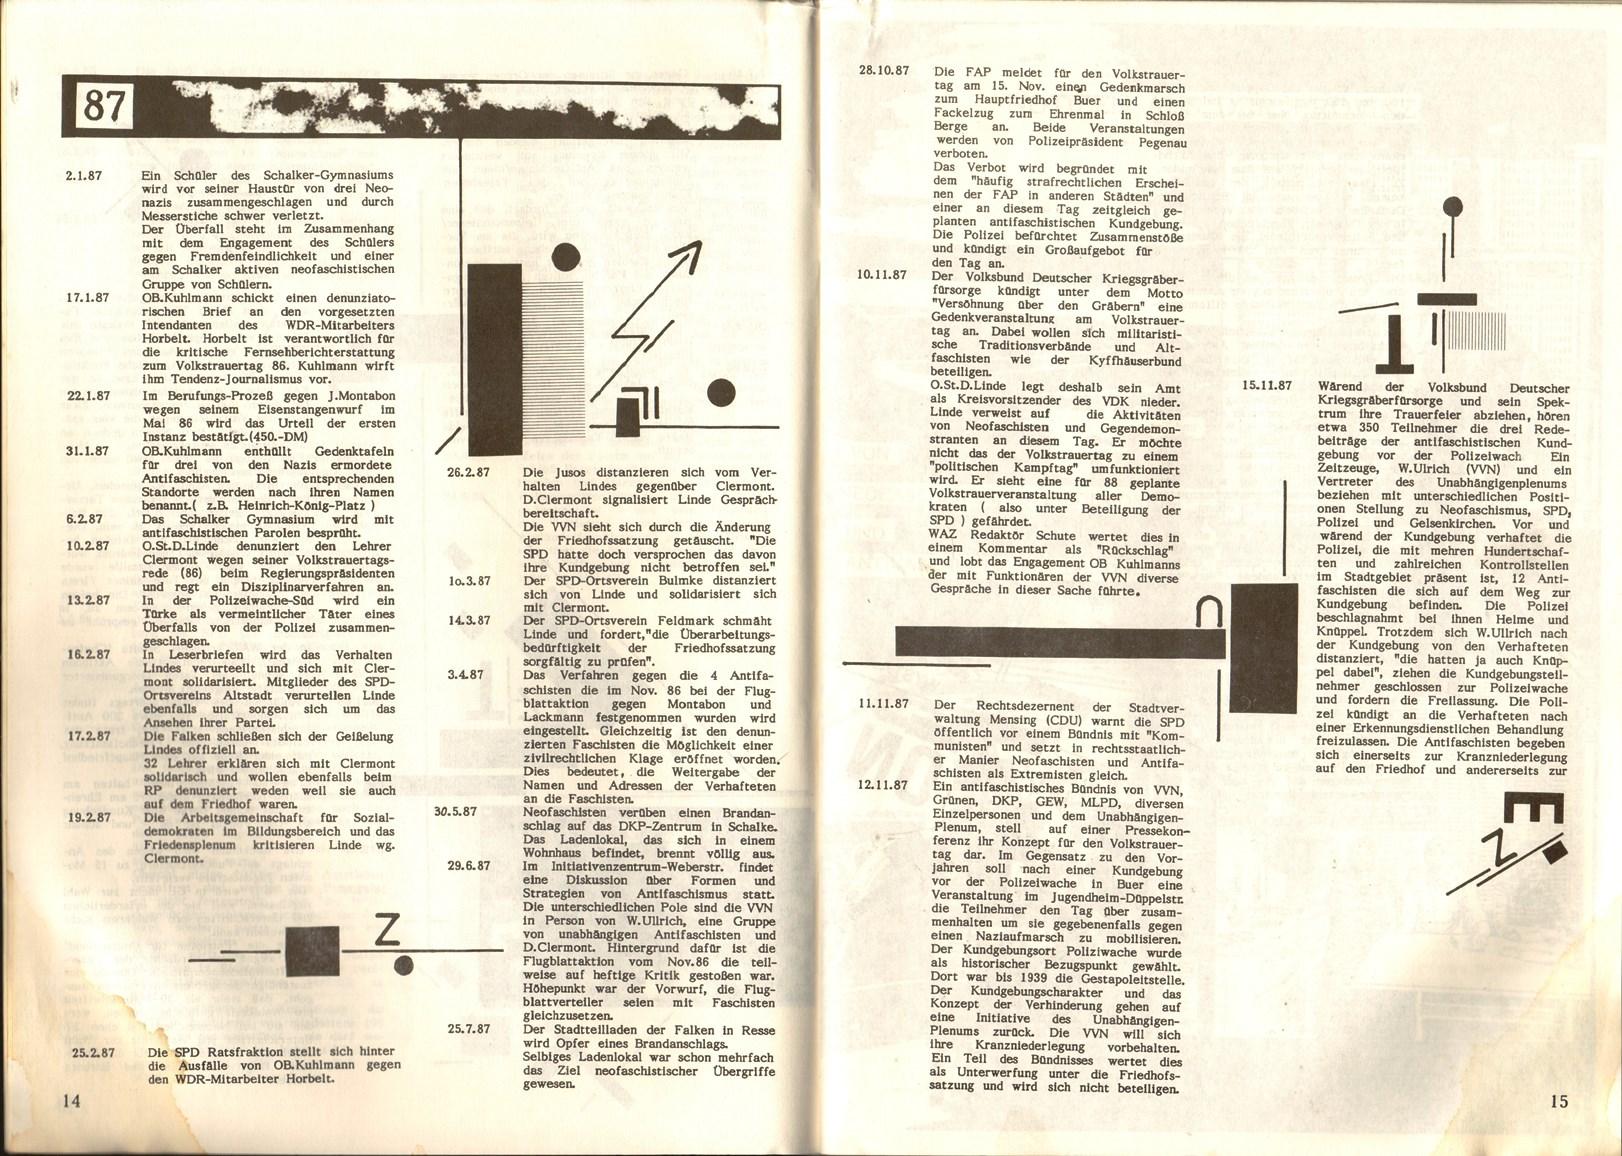 Gelsenkirchen_Zukunft_Vergangenheit_1988_08